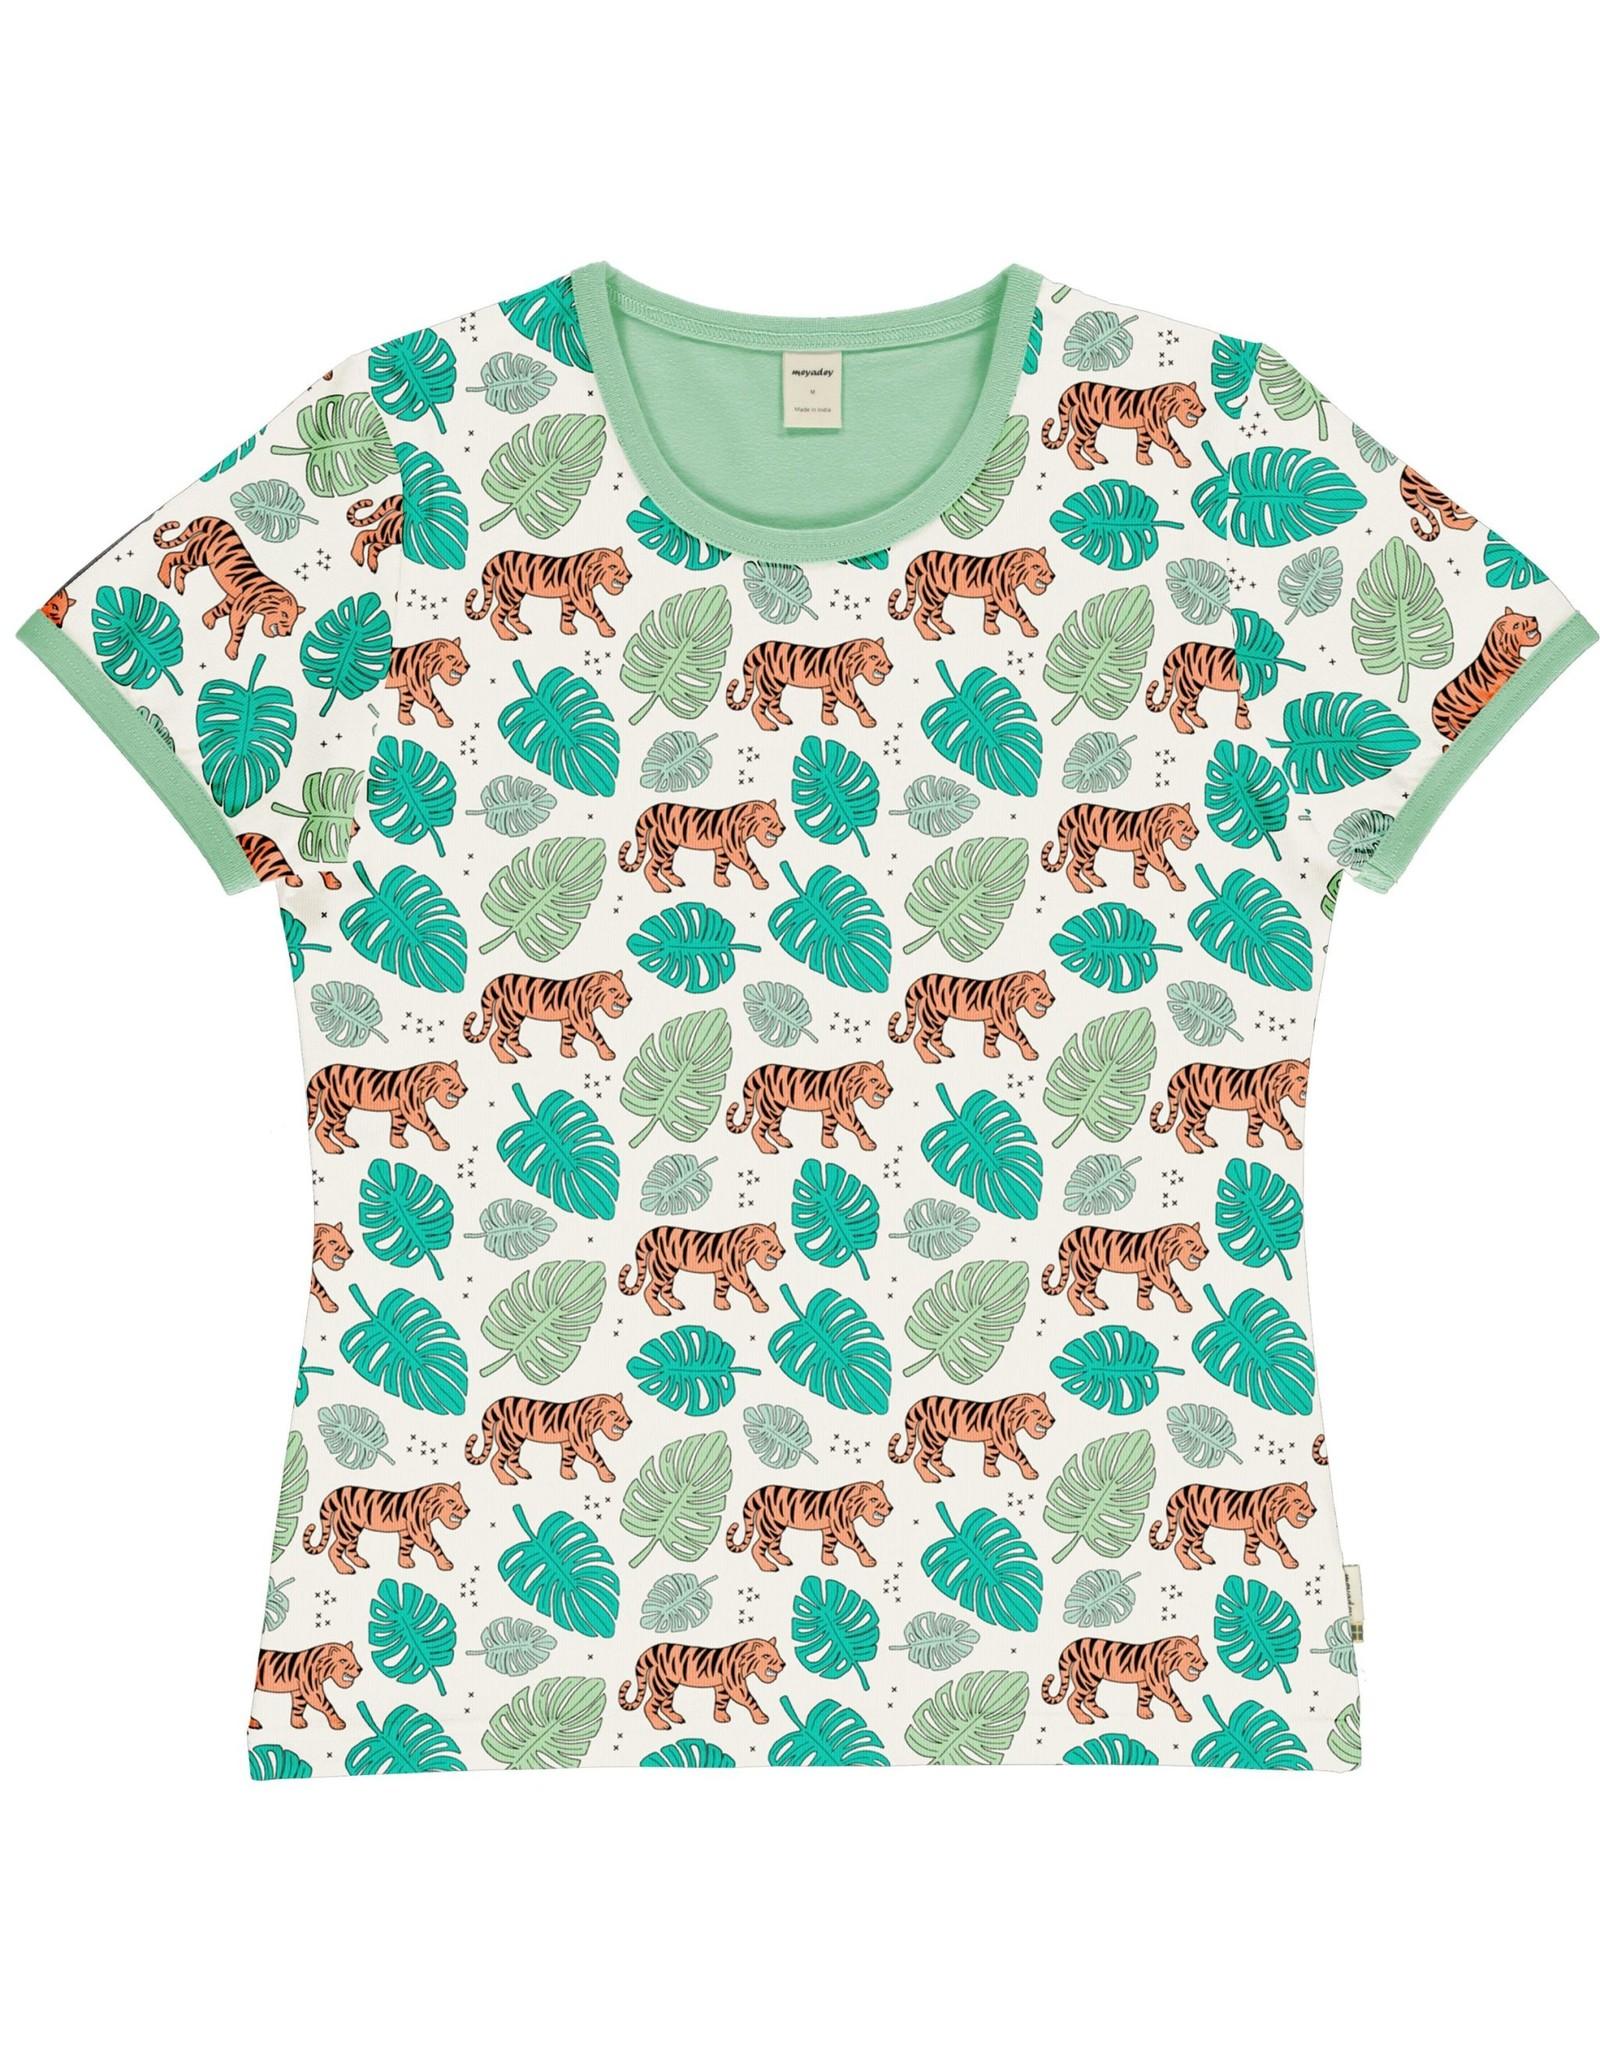 Meyadey VOLWASSENEN t-shirt met tijger patroon - LAATSTE MAAT Medium